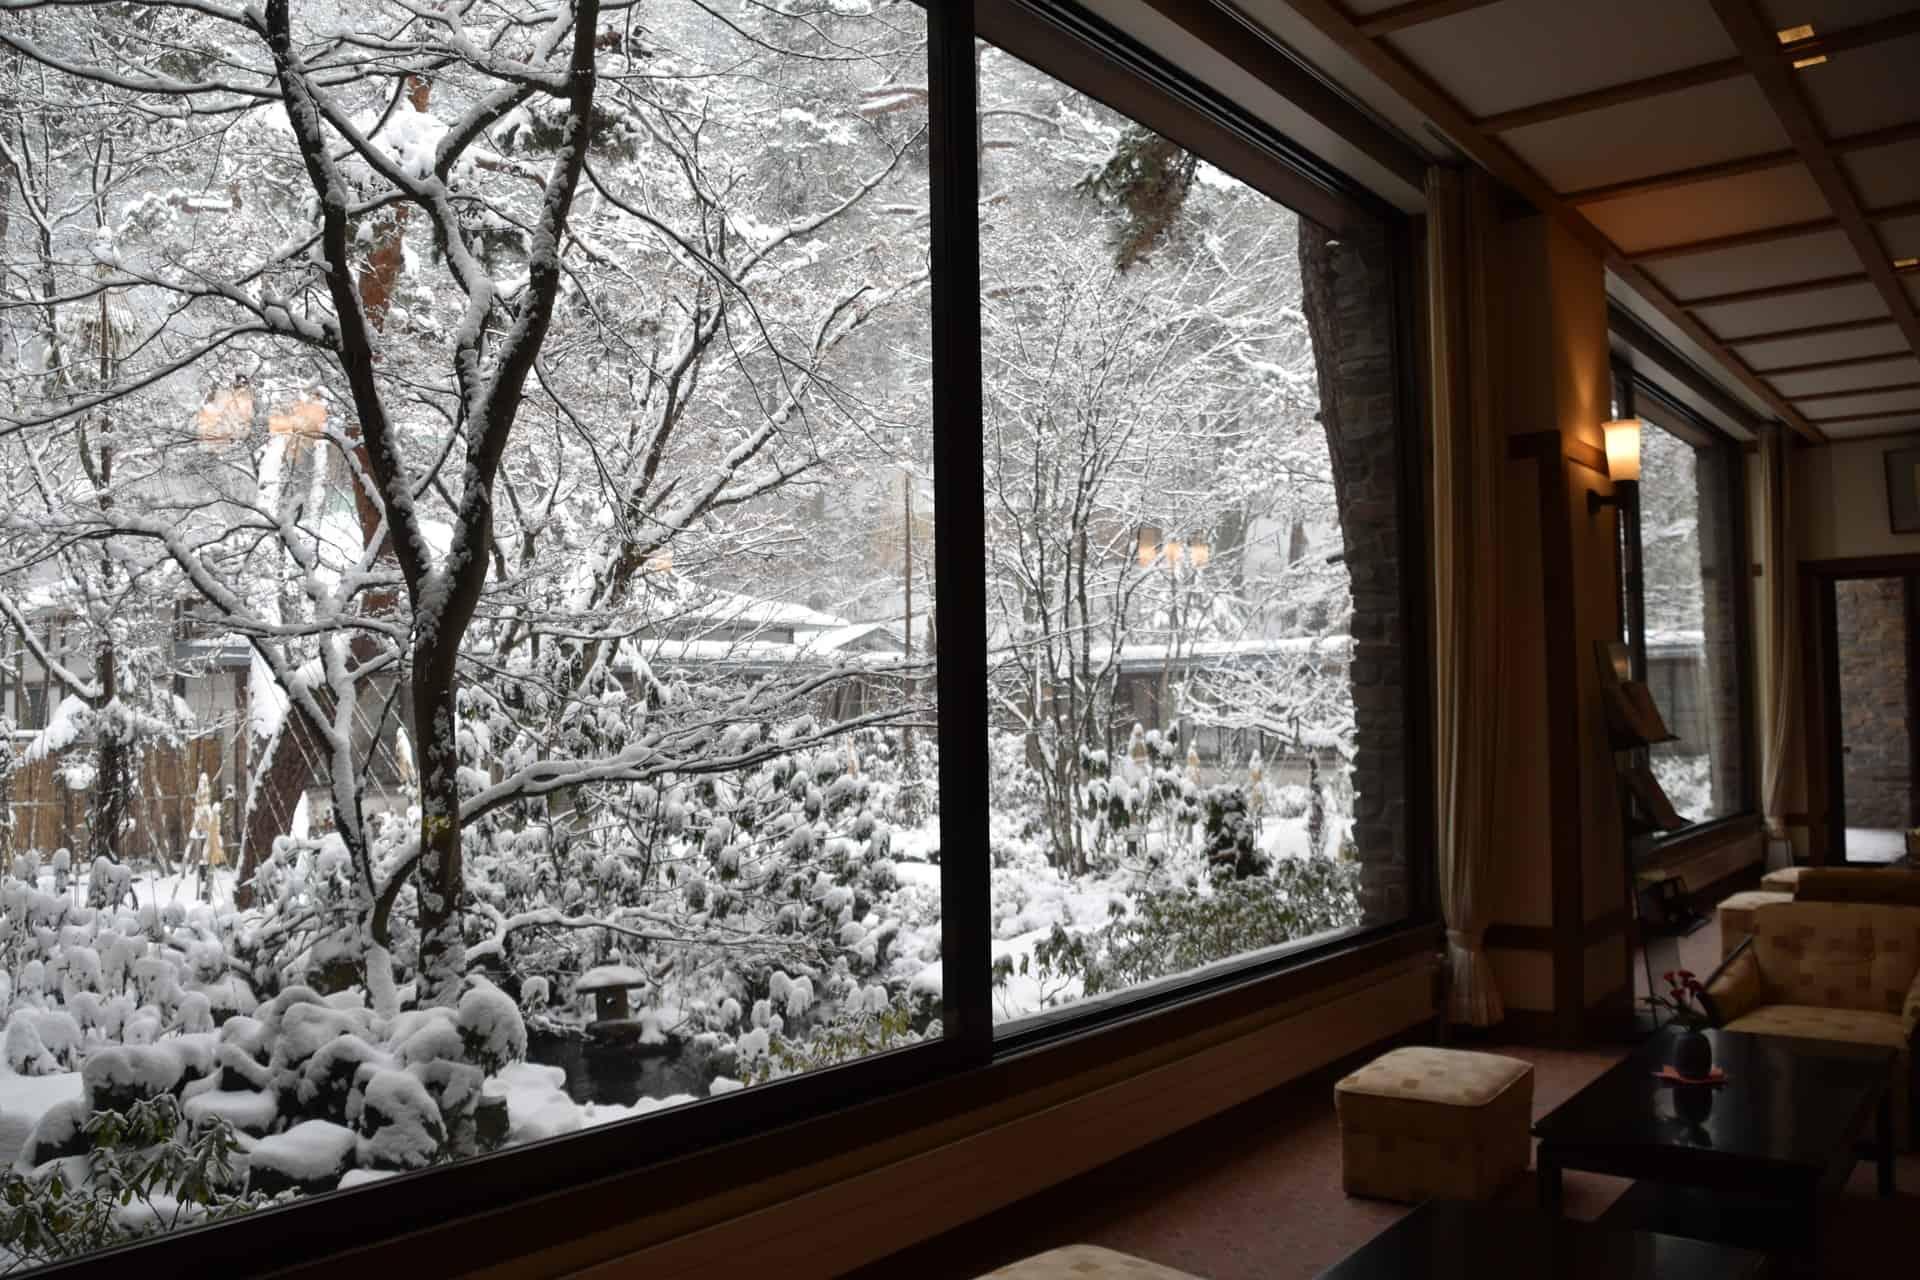 La scena nel treno e il ryokan giappone nagano for Ryokan giappone